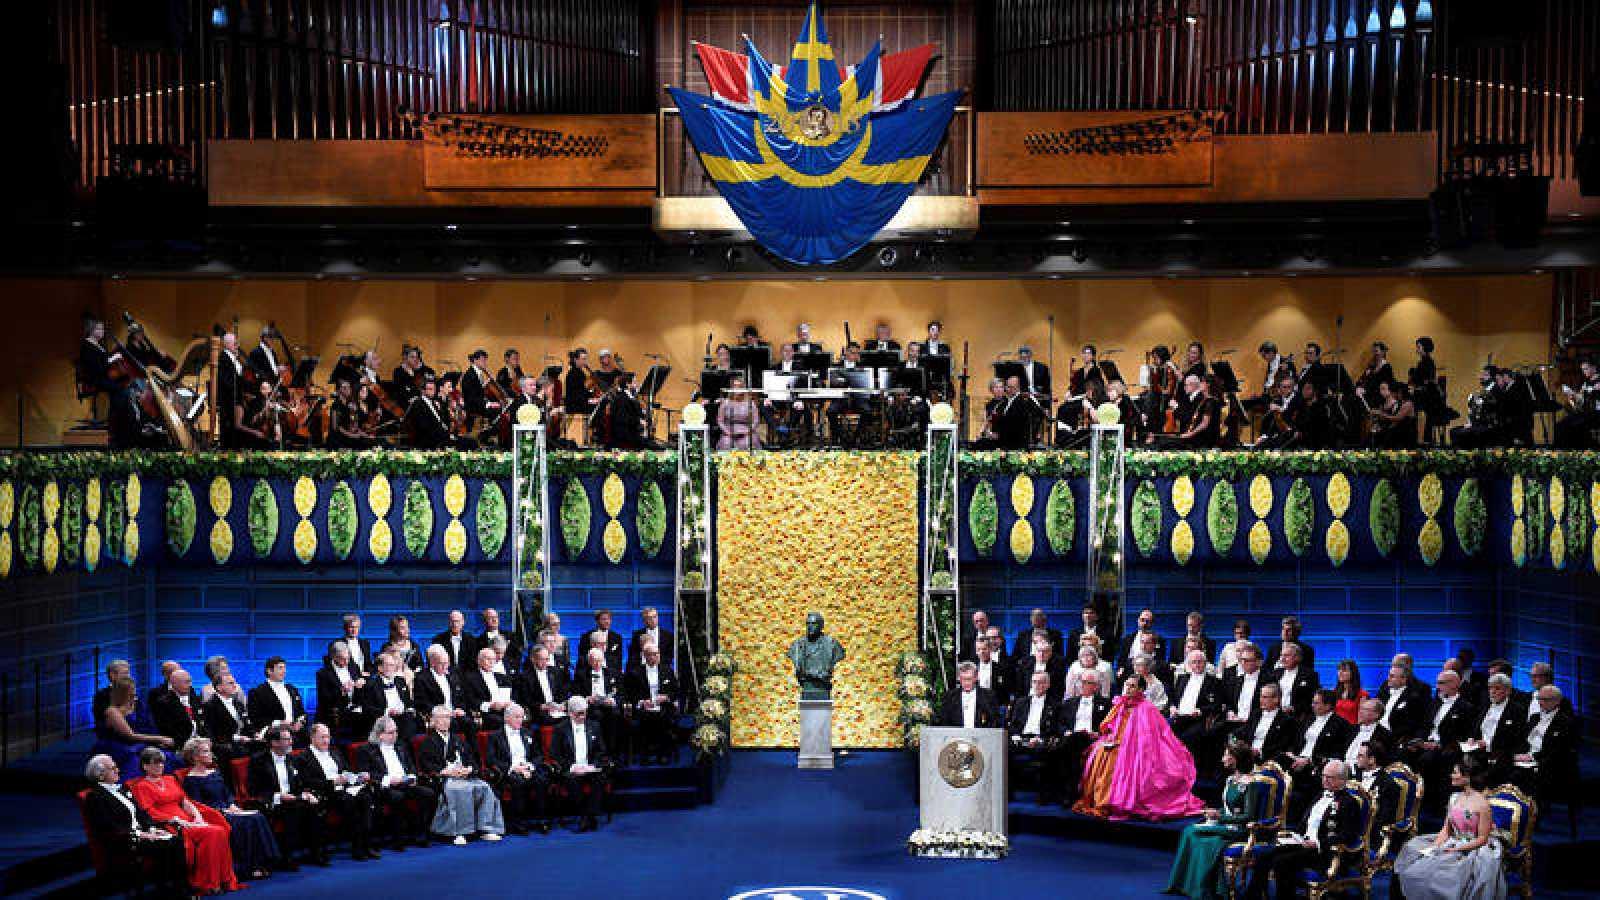 Ceremonia de entrega de los premios Nobel 2018 en Estocolmo